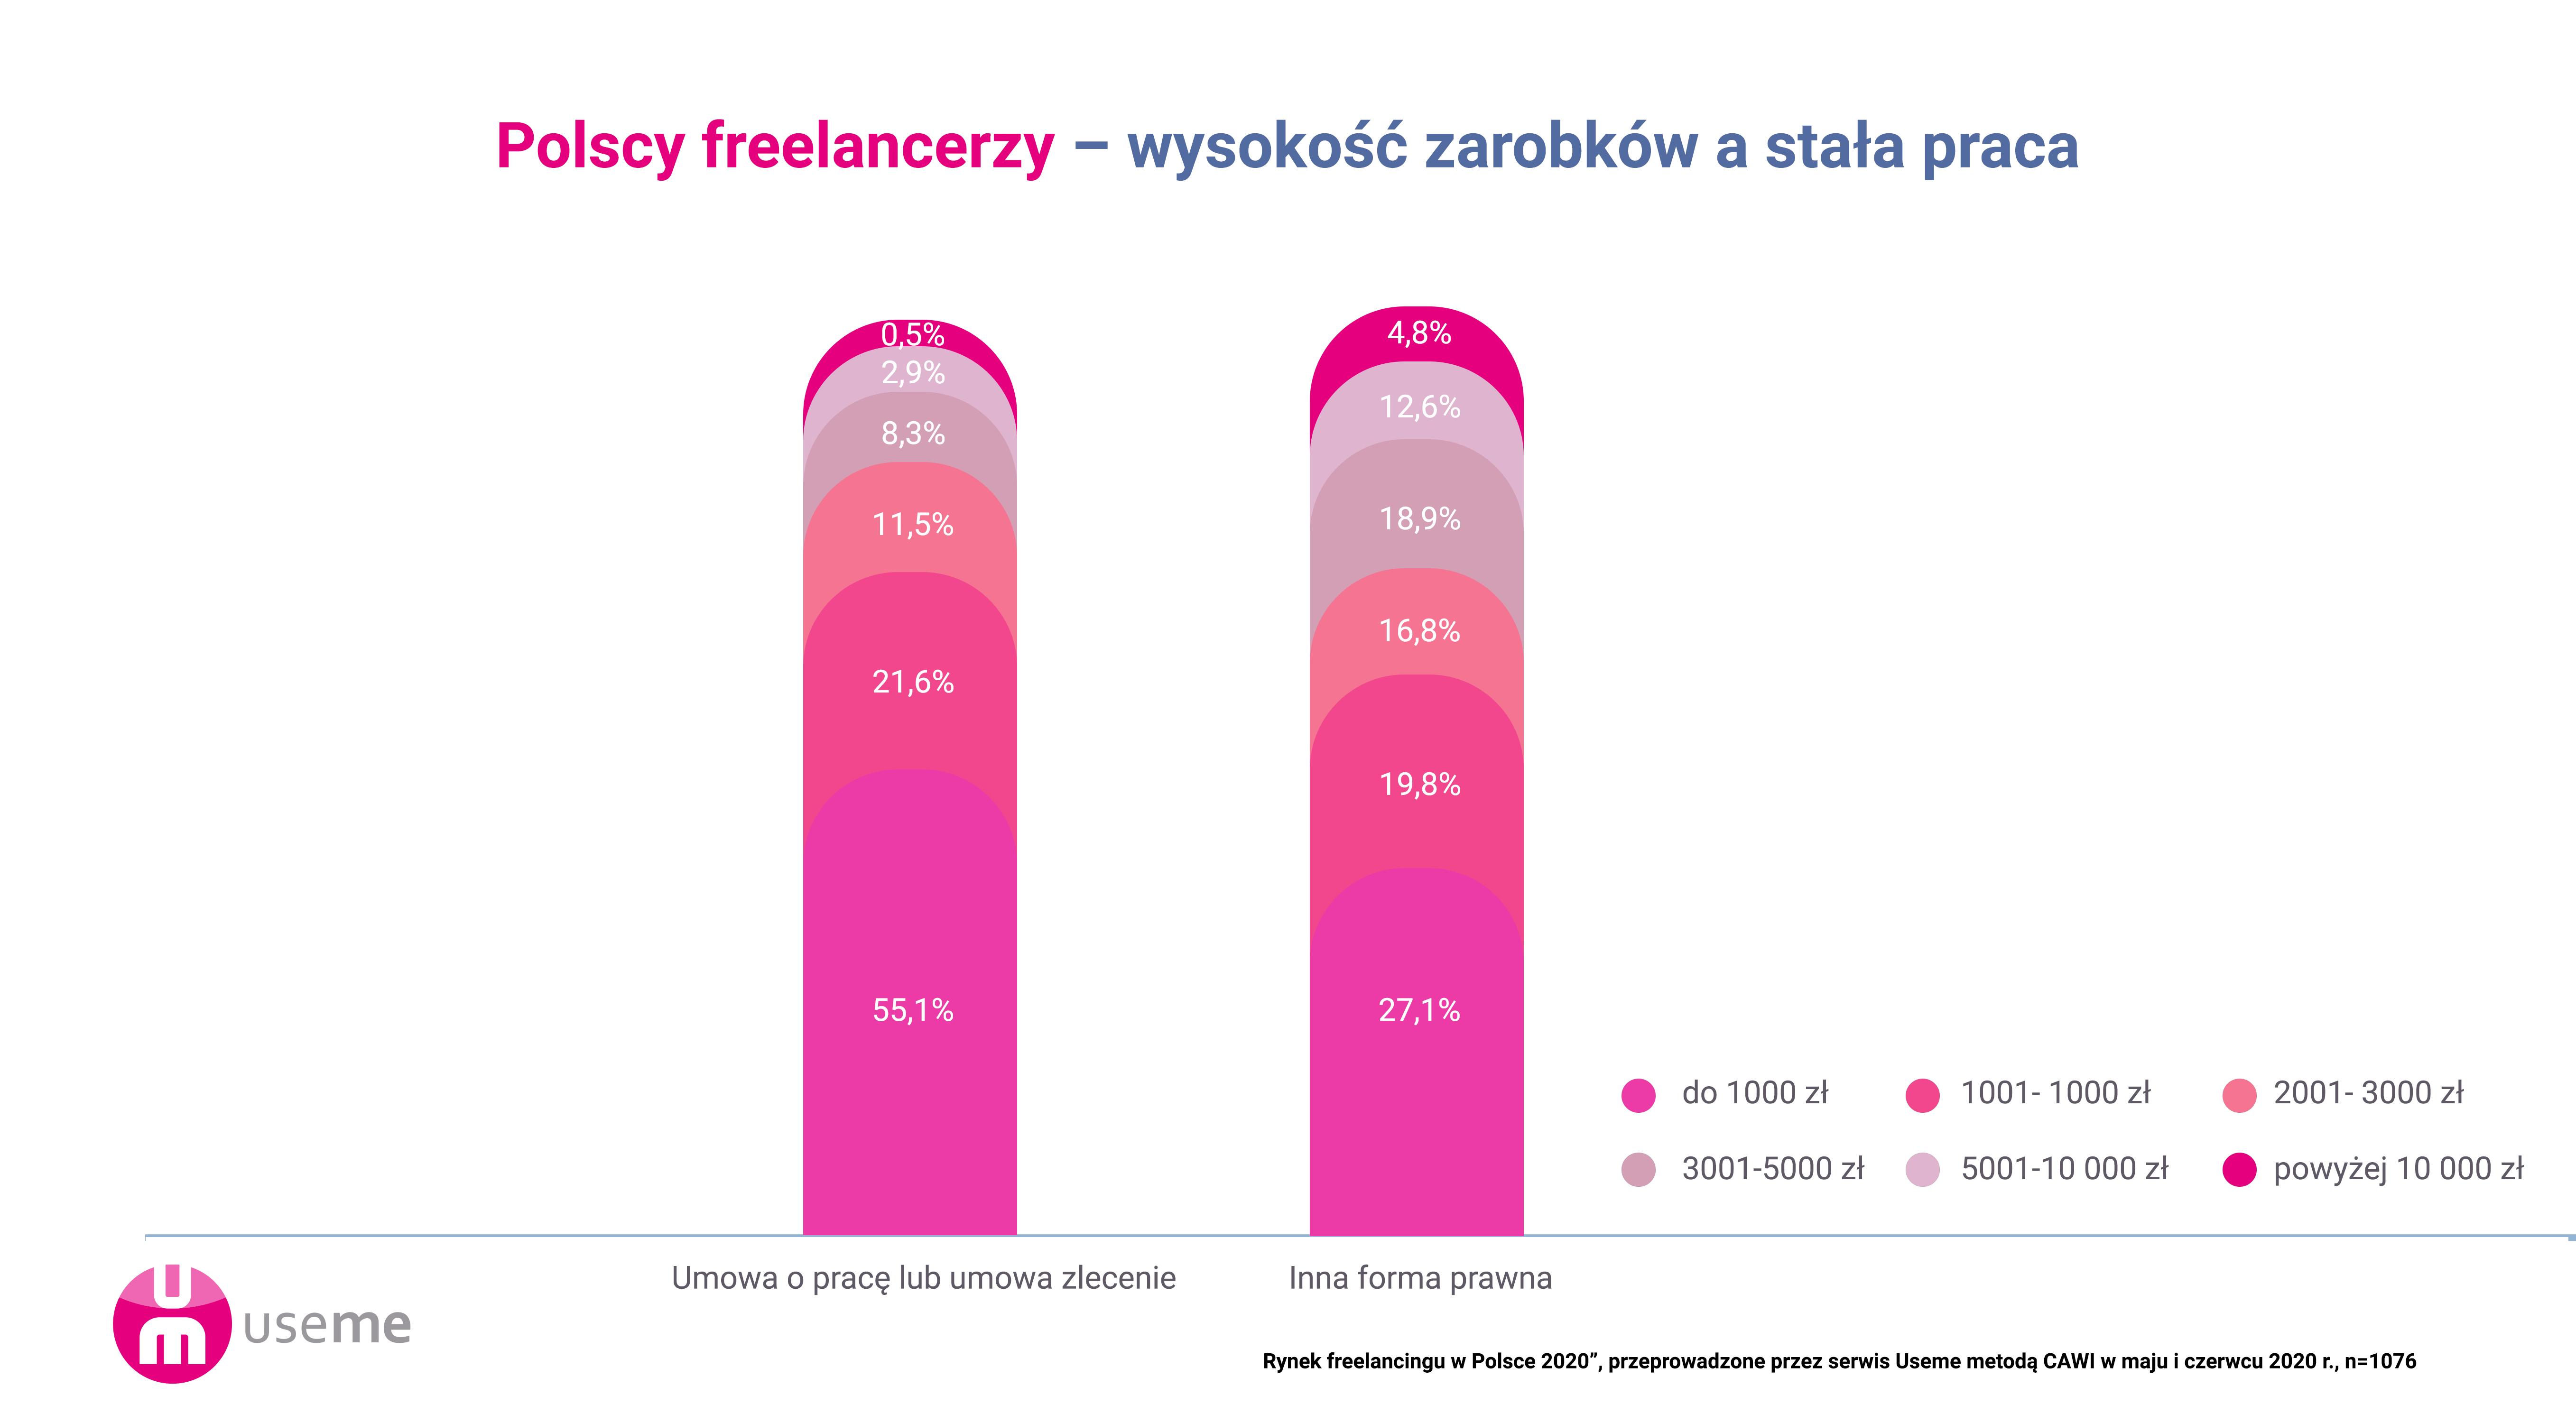 https://useme-prod-public.s3.amazonaws.com/help-images/wykres_zarobkiAsta%C5%82aPraca.png